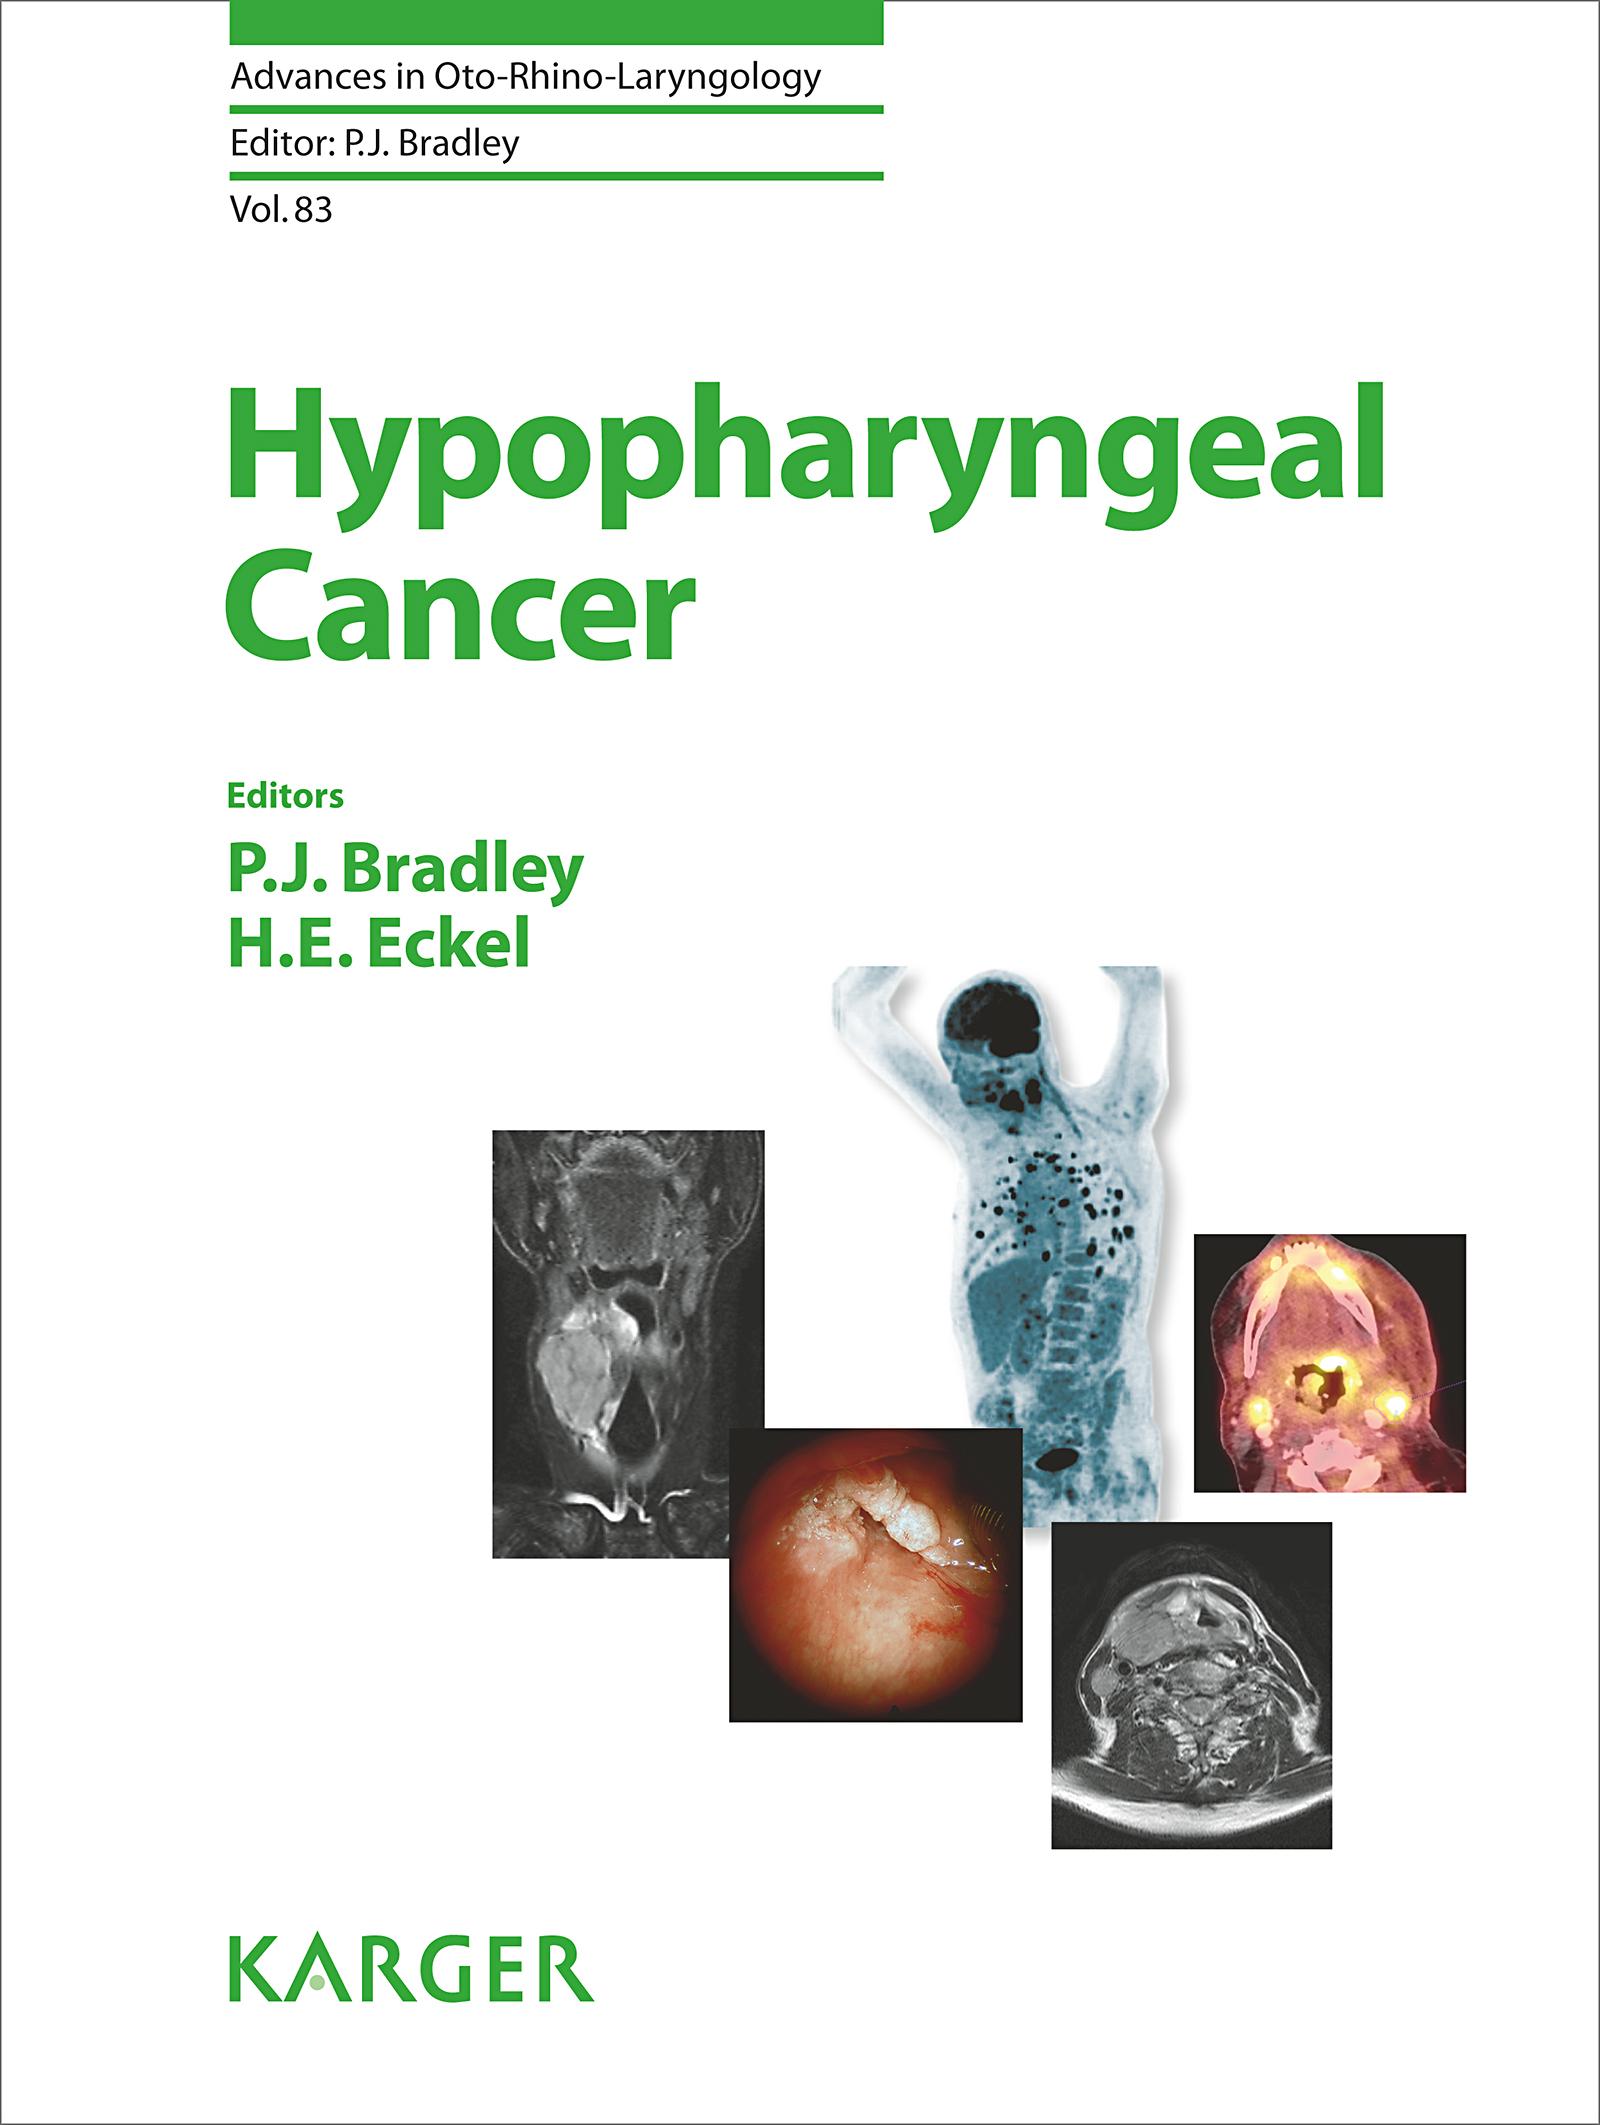 Advances in Oto-Rhino-Laryngology, Vol. 83: Hypopharyngeal Cancer